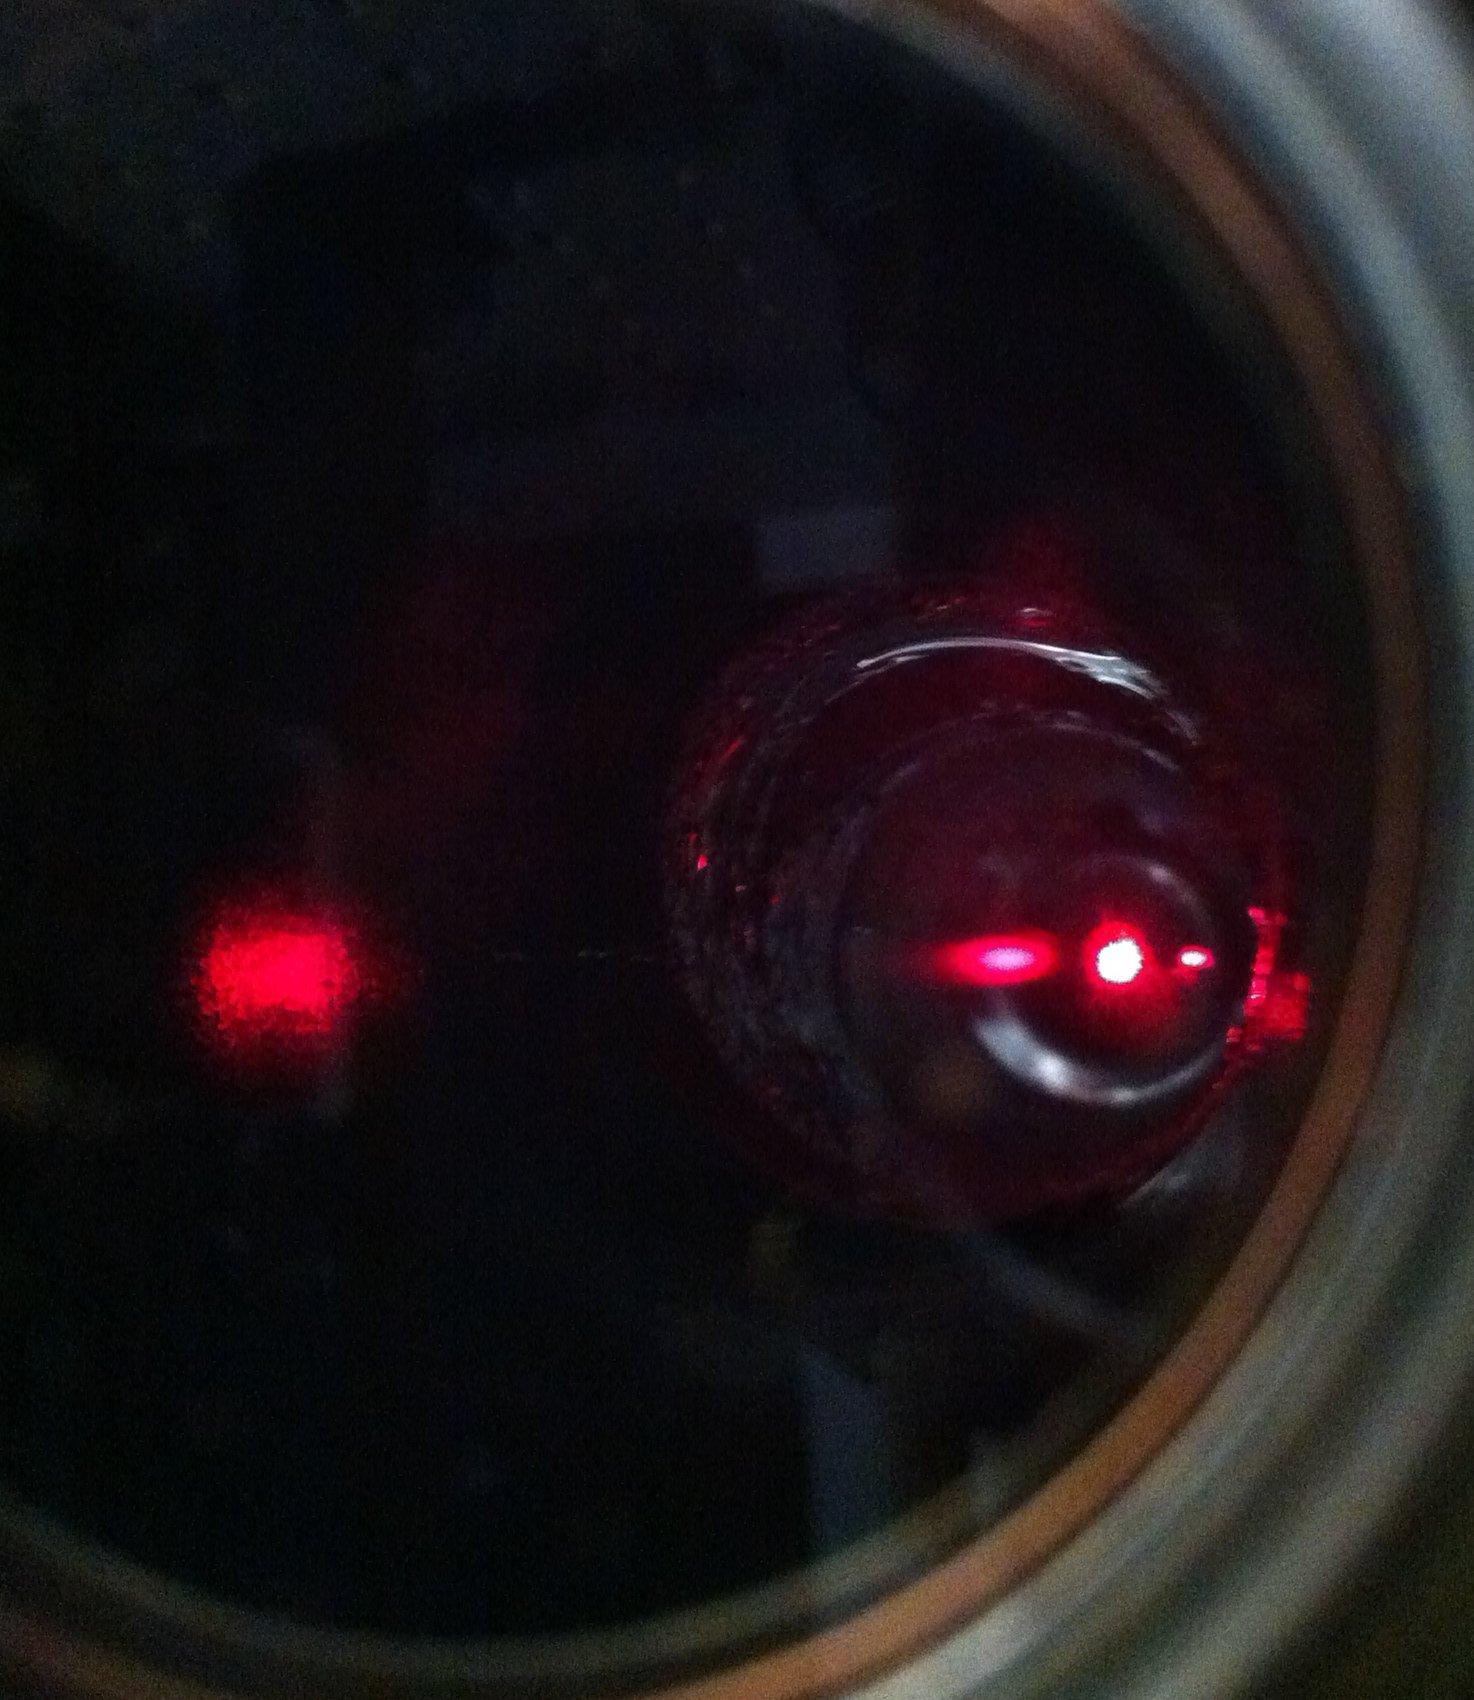 Li Cell Fluorescence